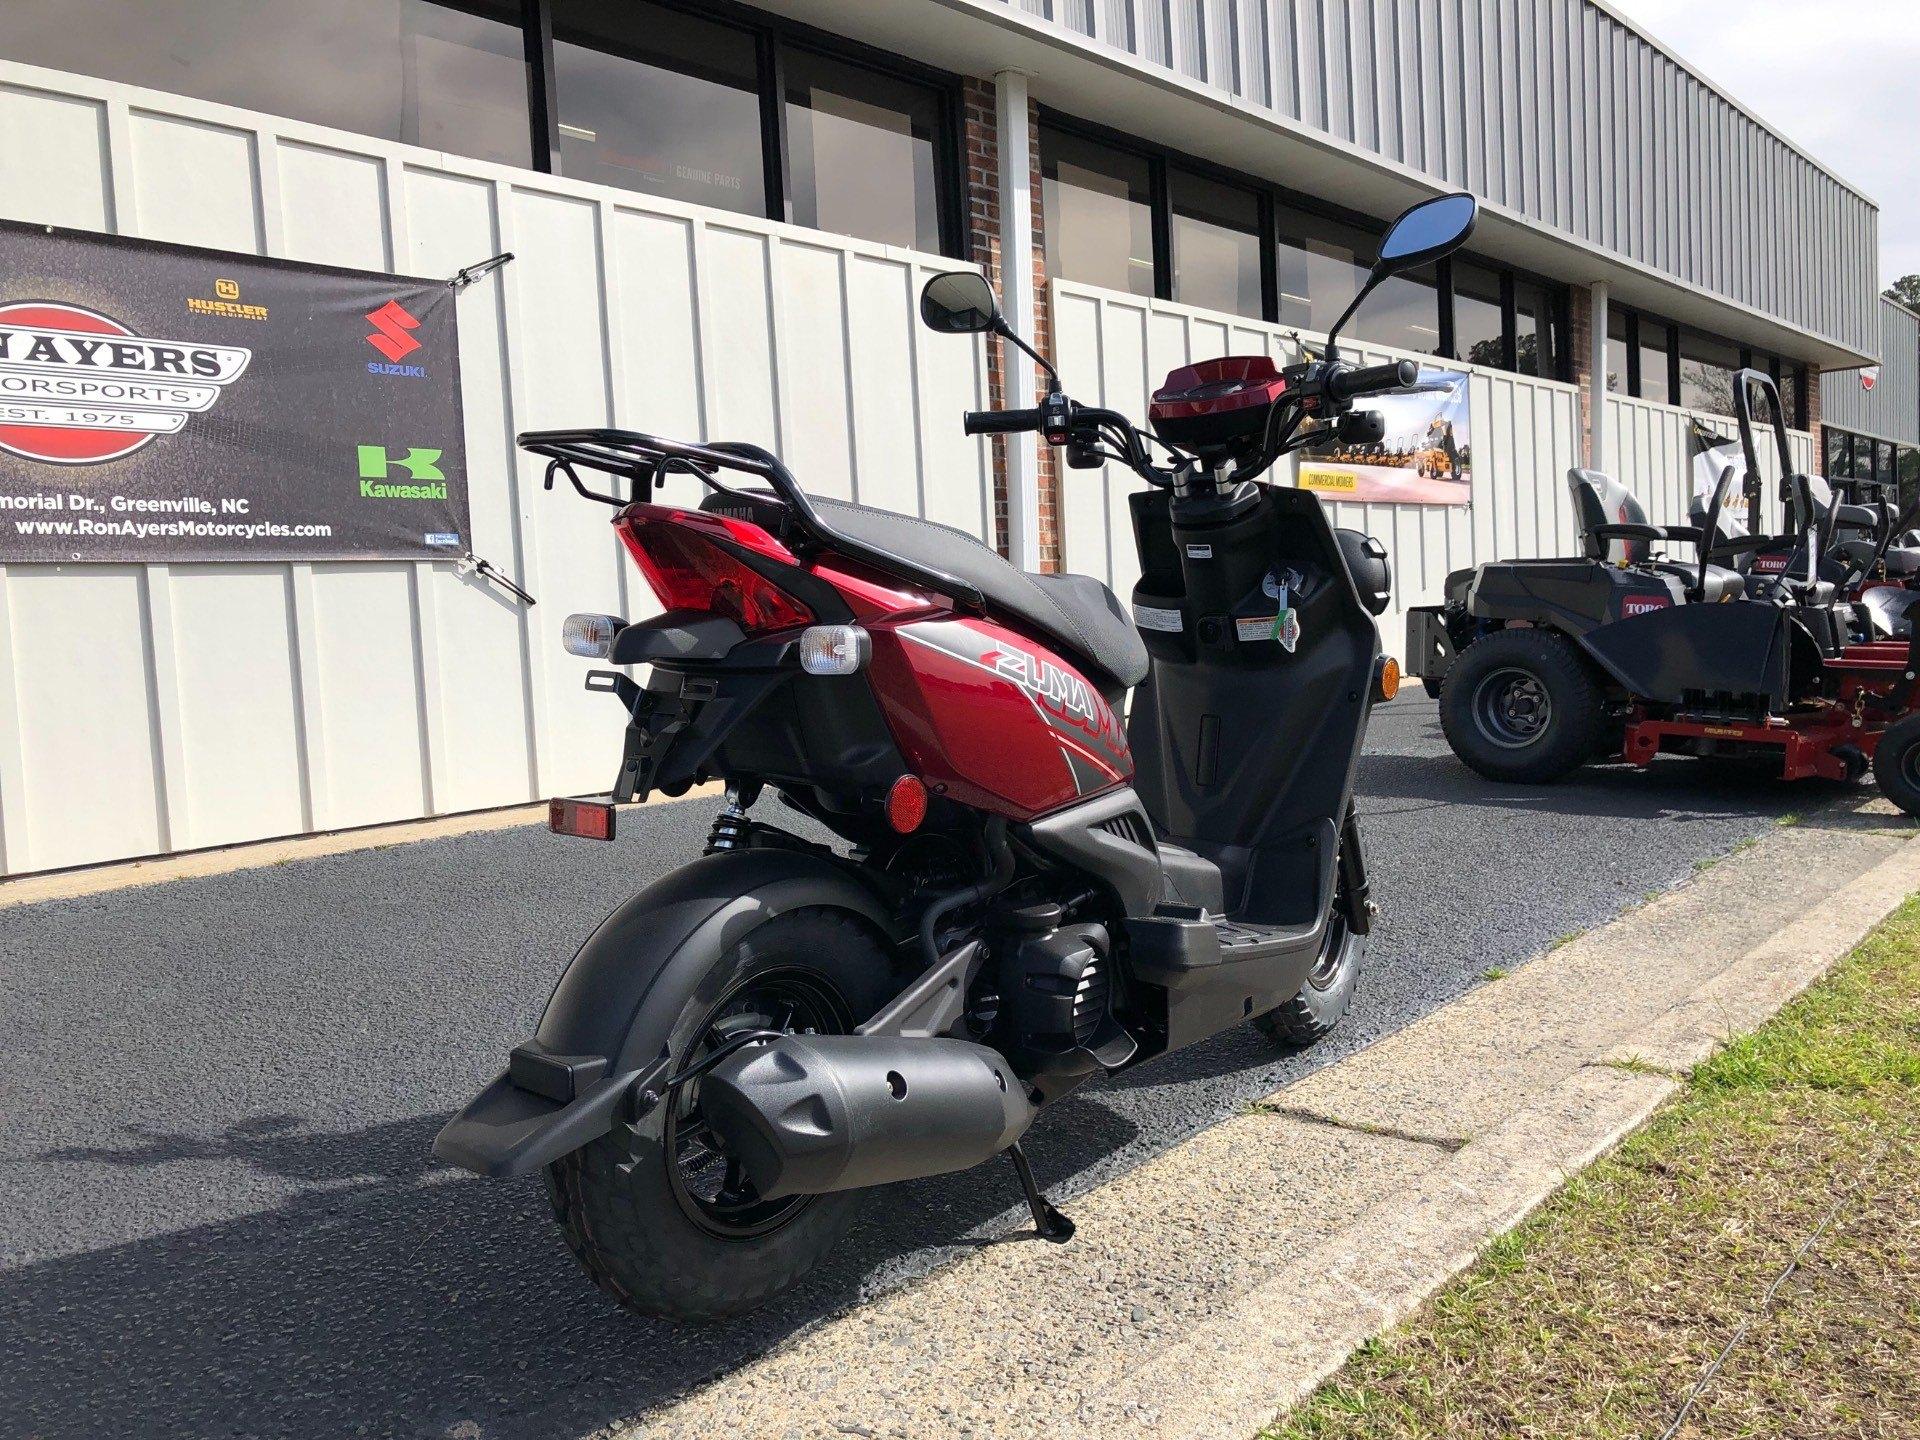 2019 Yamaha Zuma 50F in Greenville, North Carolina